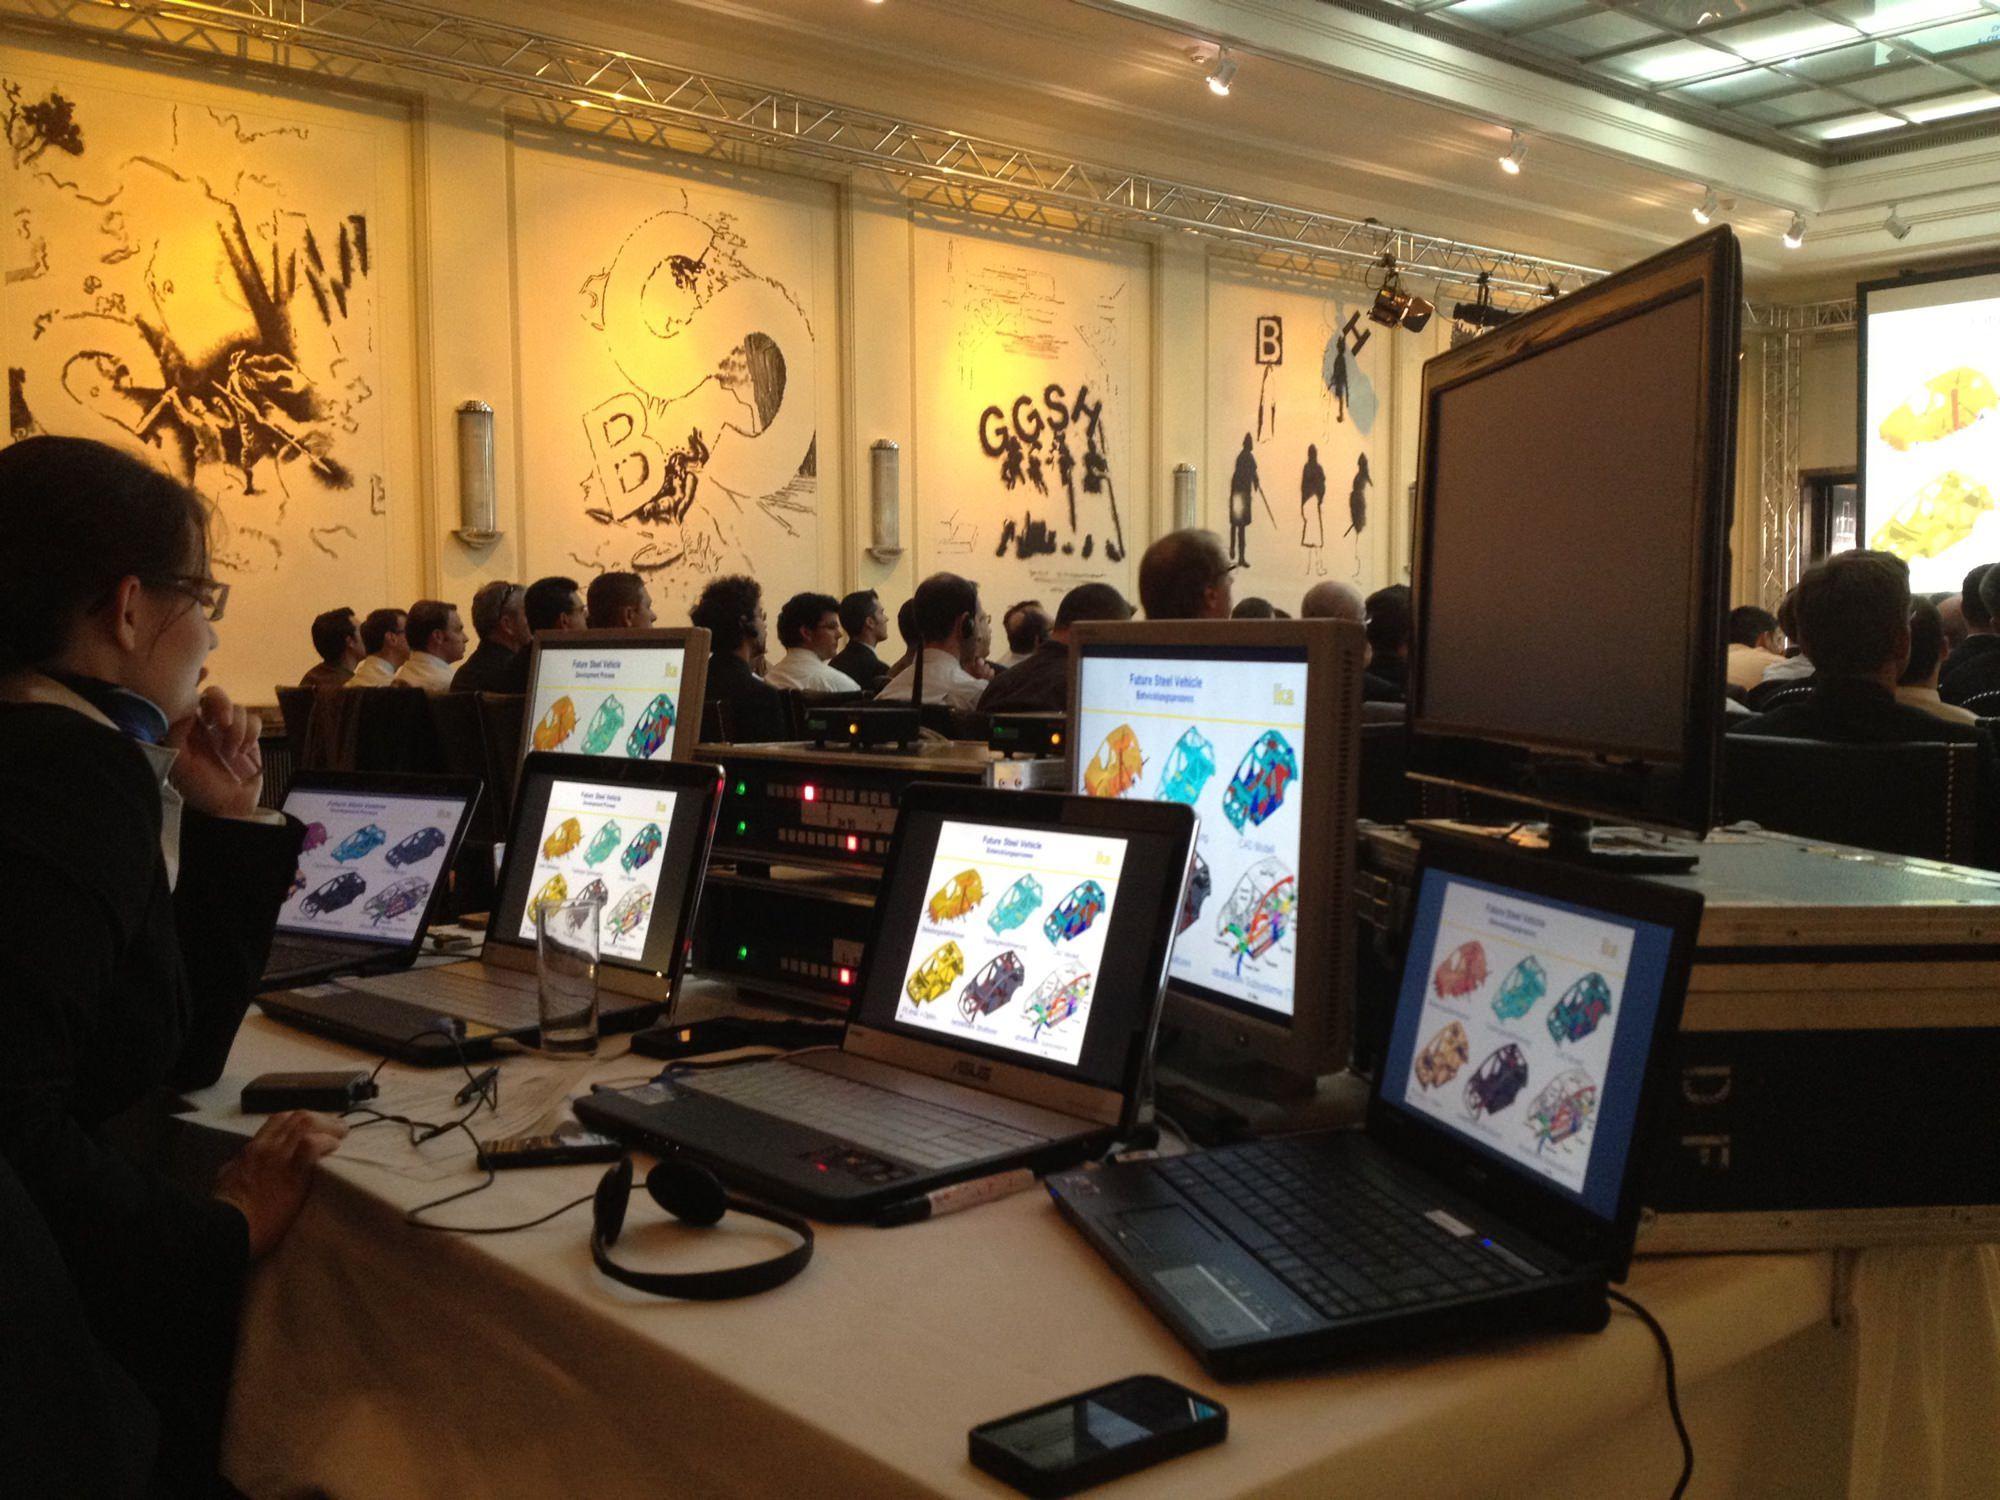 BASSTA Event Technologies